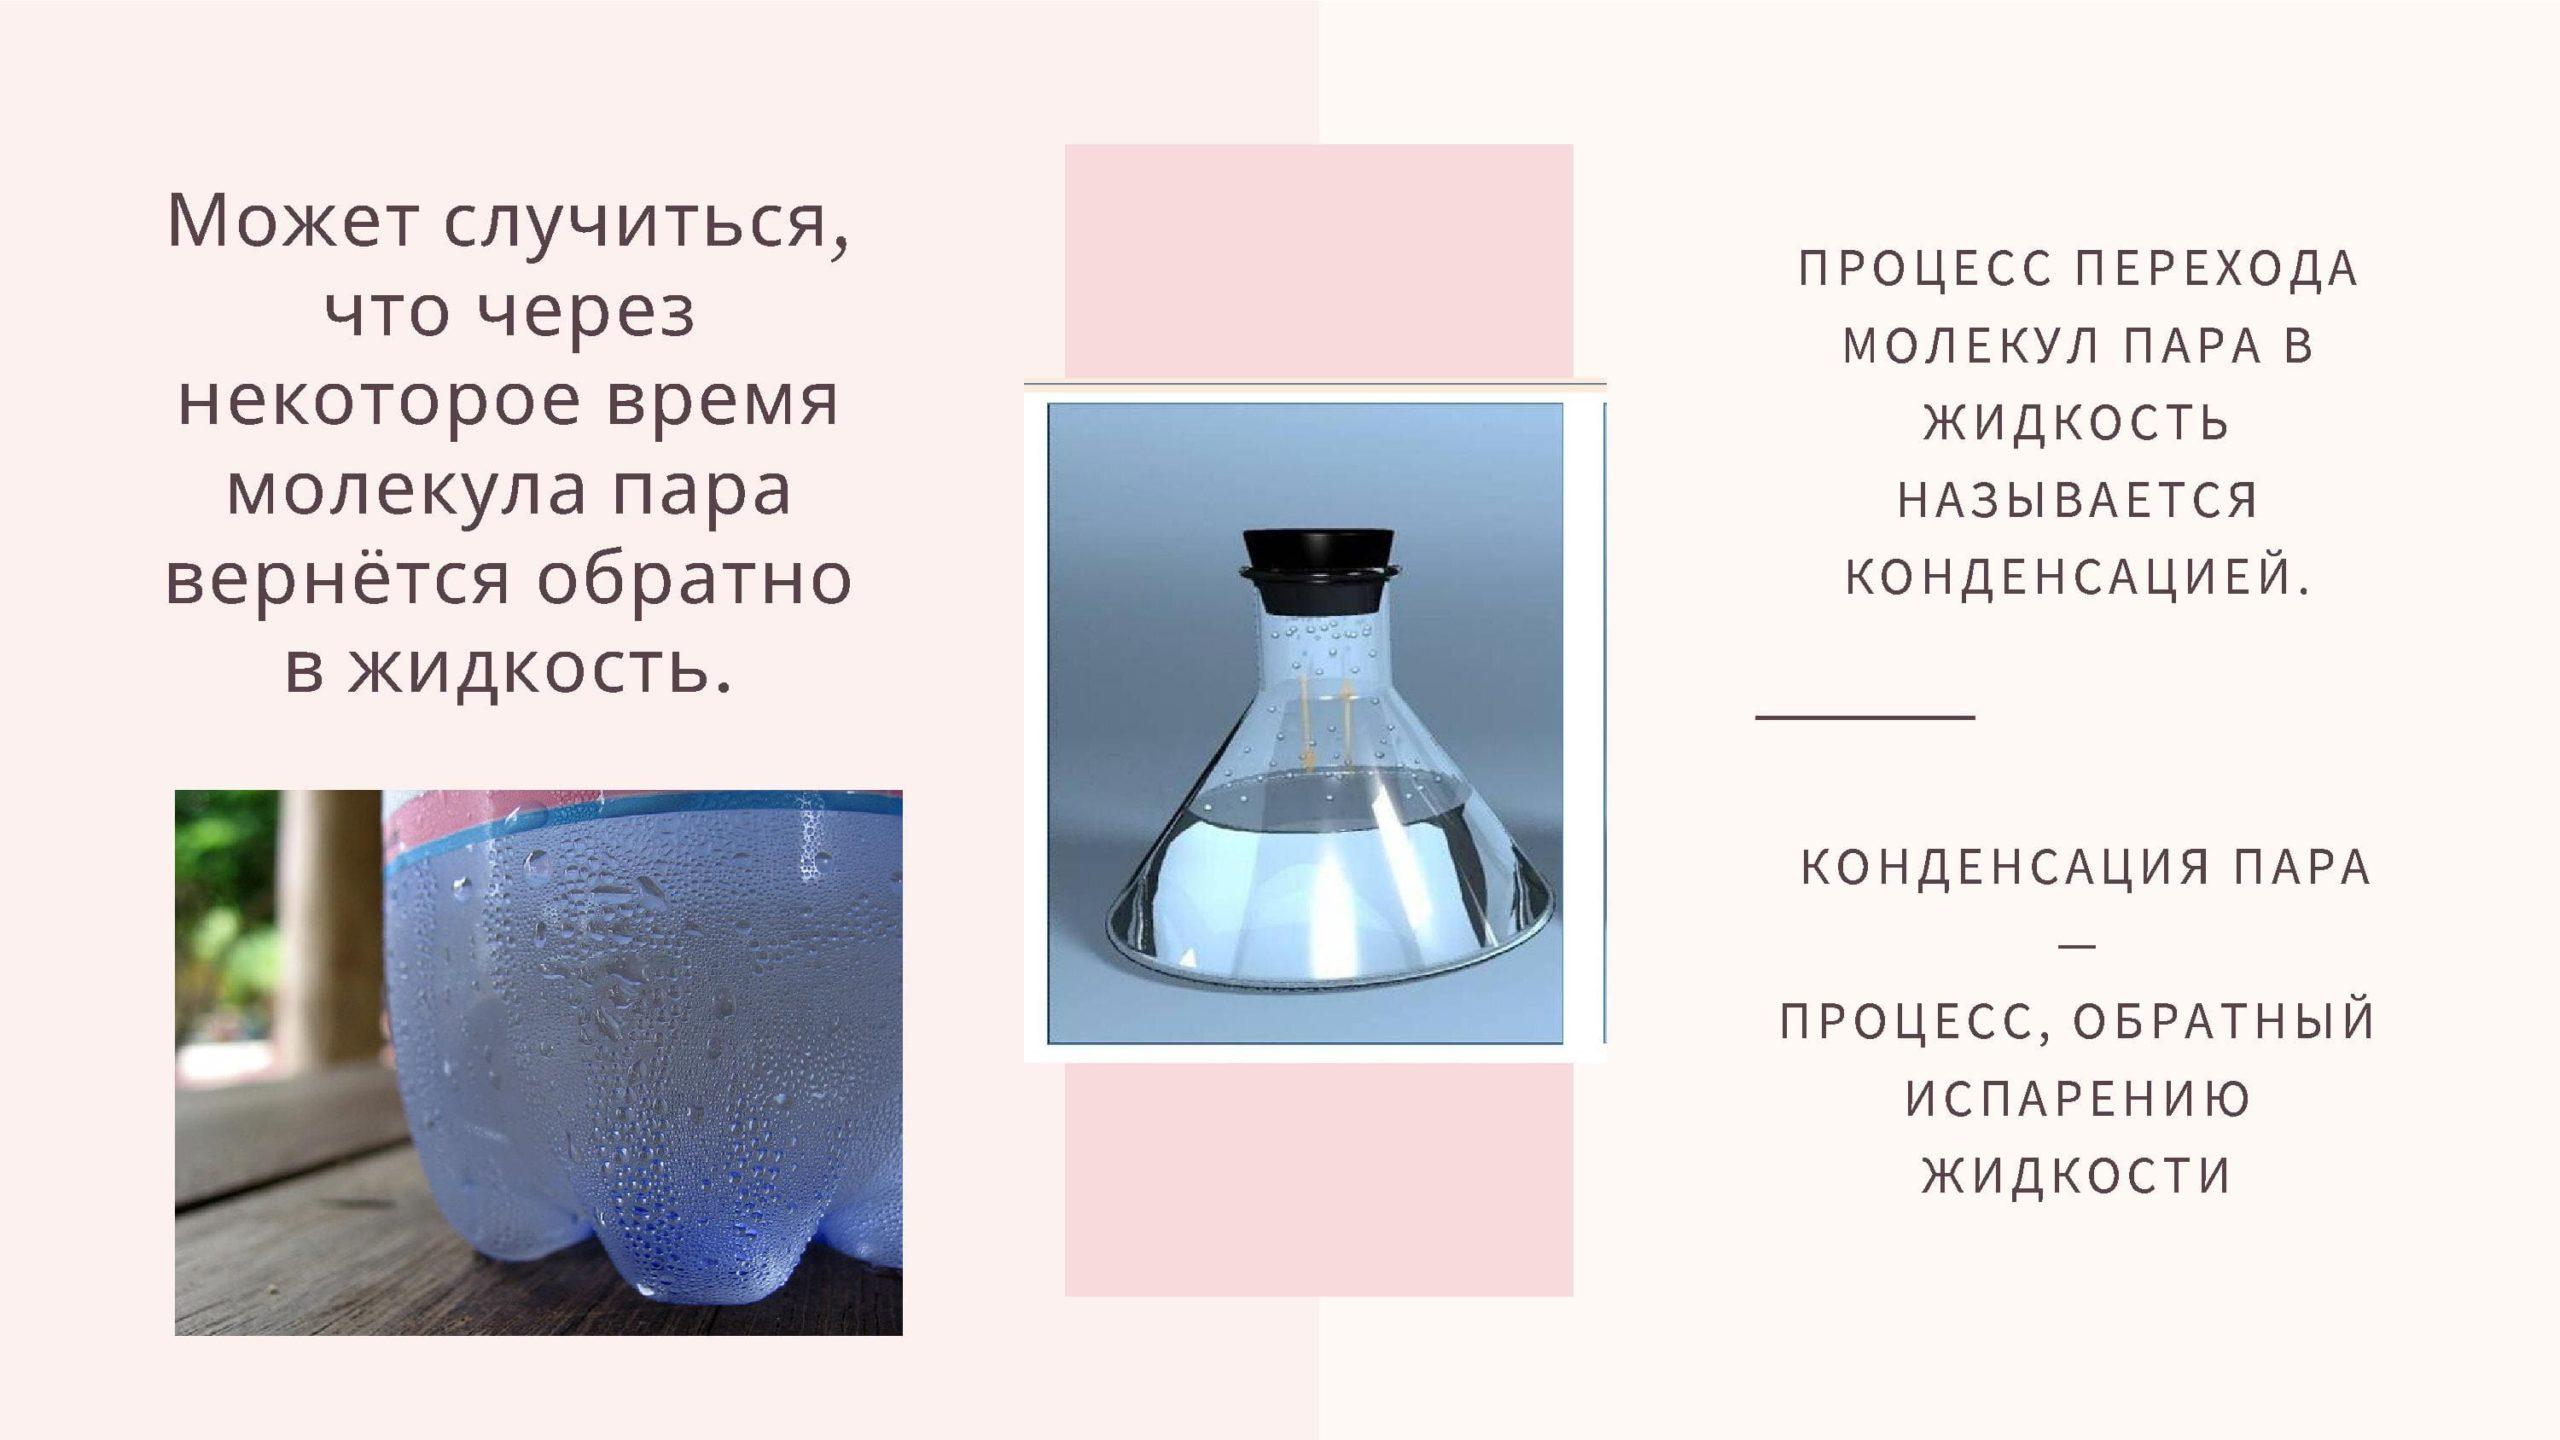 процесс перехода молекул пара в жидкость